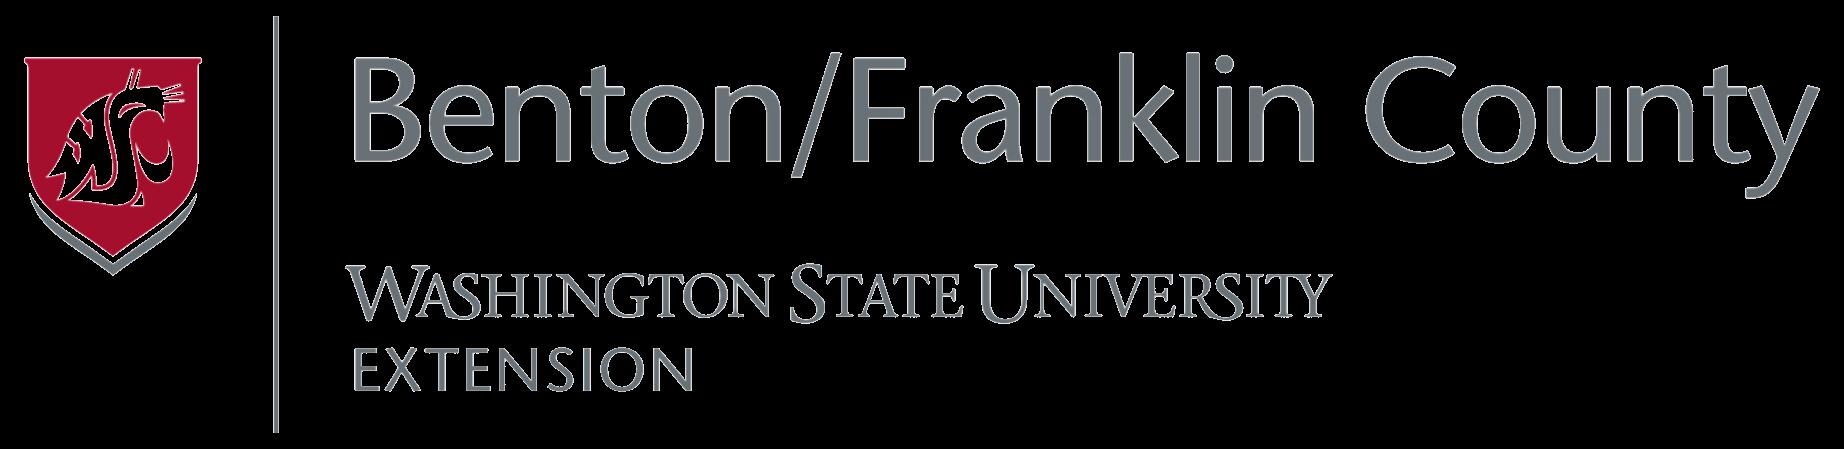 Benton/Franklin County Washington State University Extension logo.